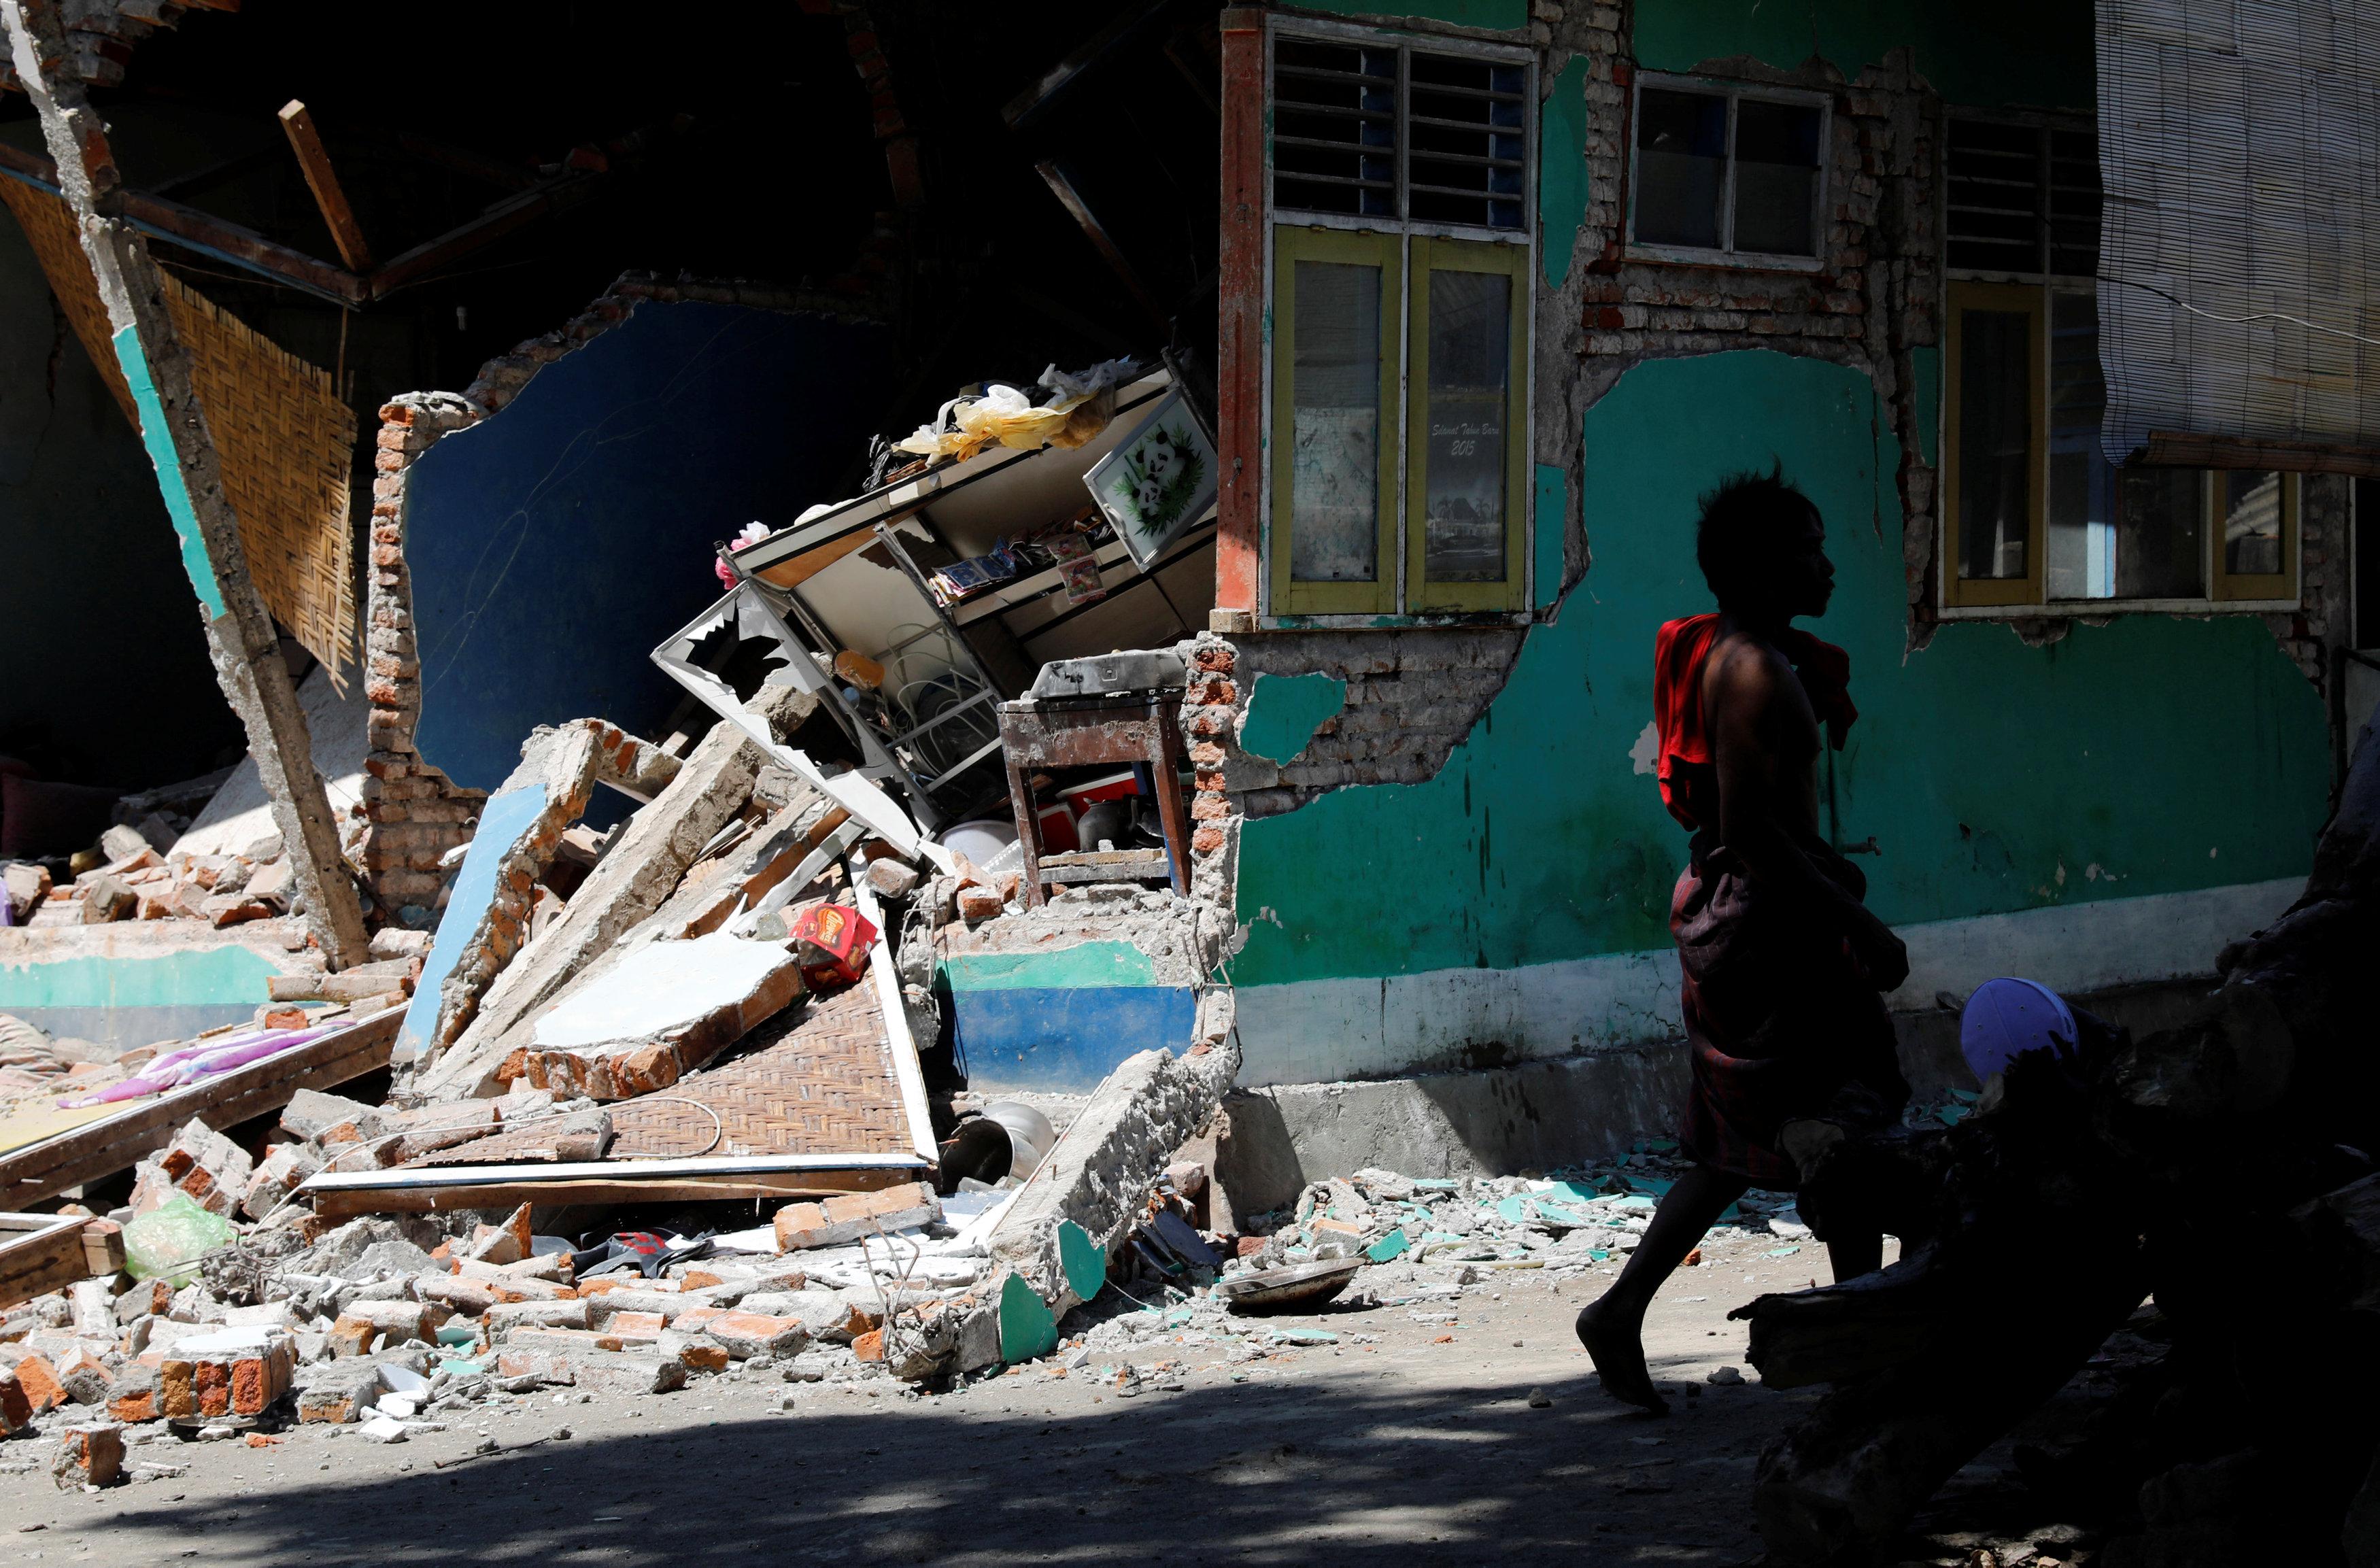 دمار بسبب الزلزال